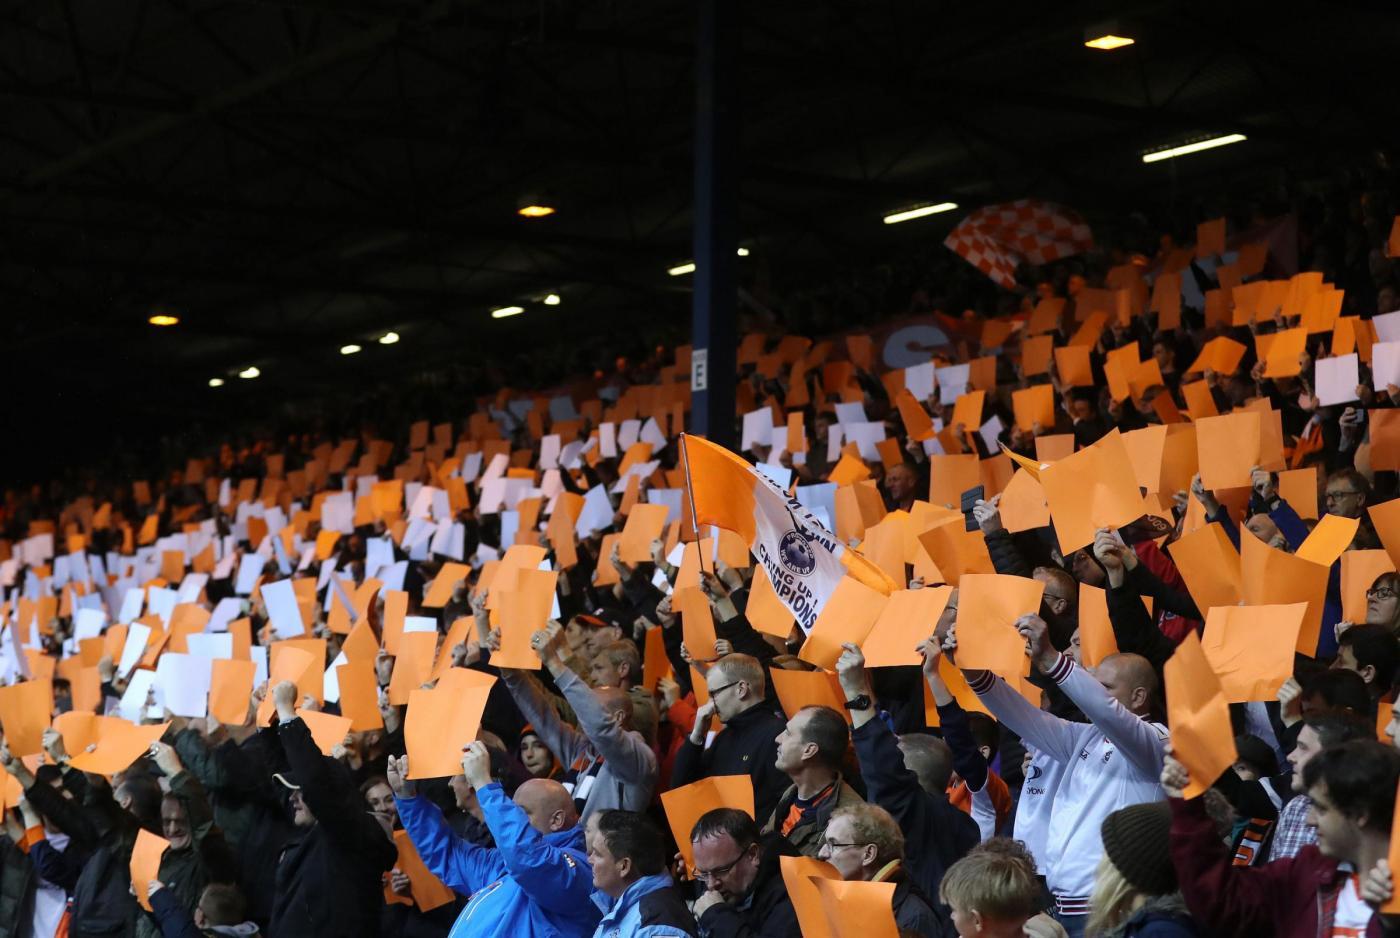 Blackpool-West Brom U.23 9 ottobre: si gioca per la seconda giornata del gruppo 3 del torneo inglese. Ospiti all'esordio.